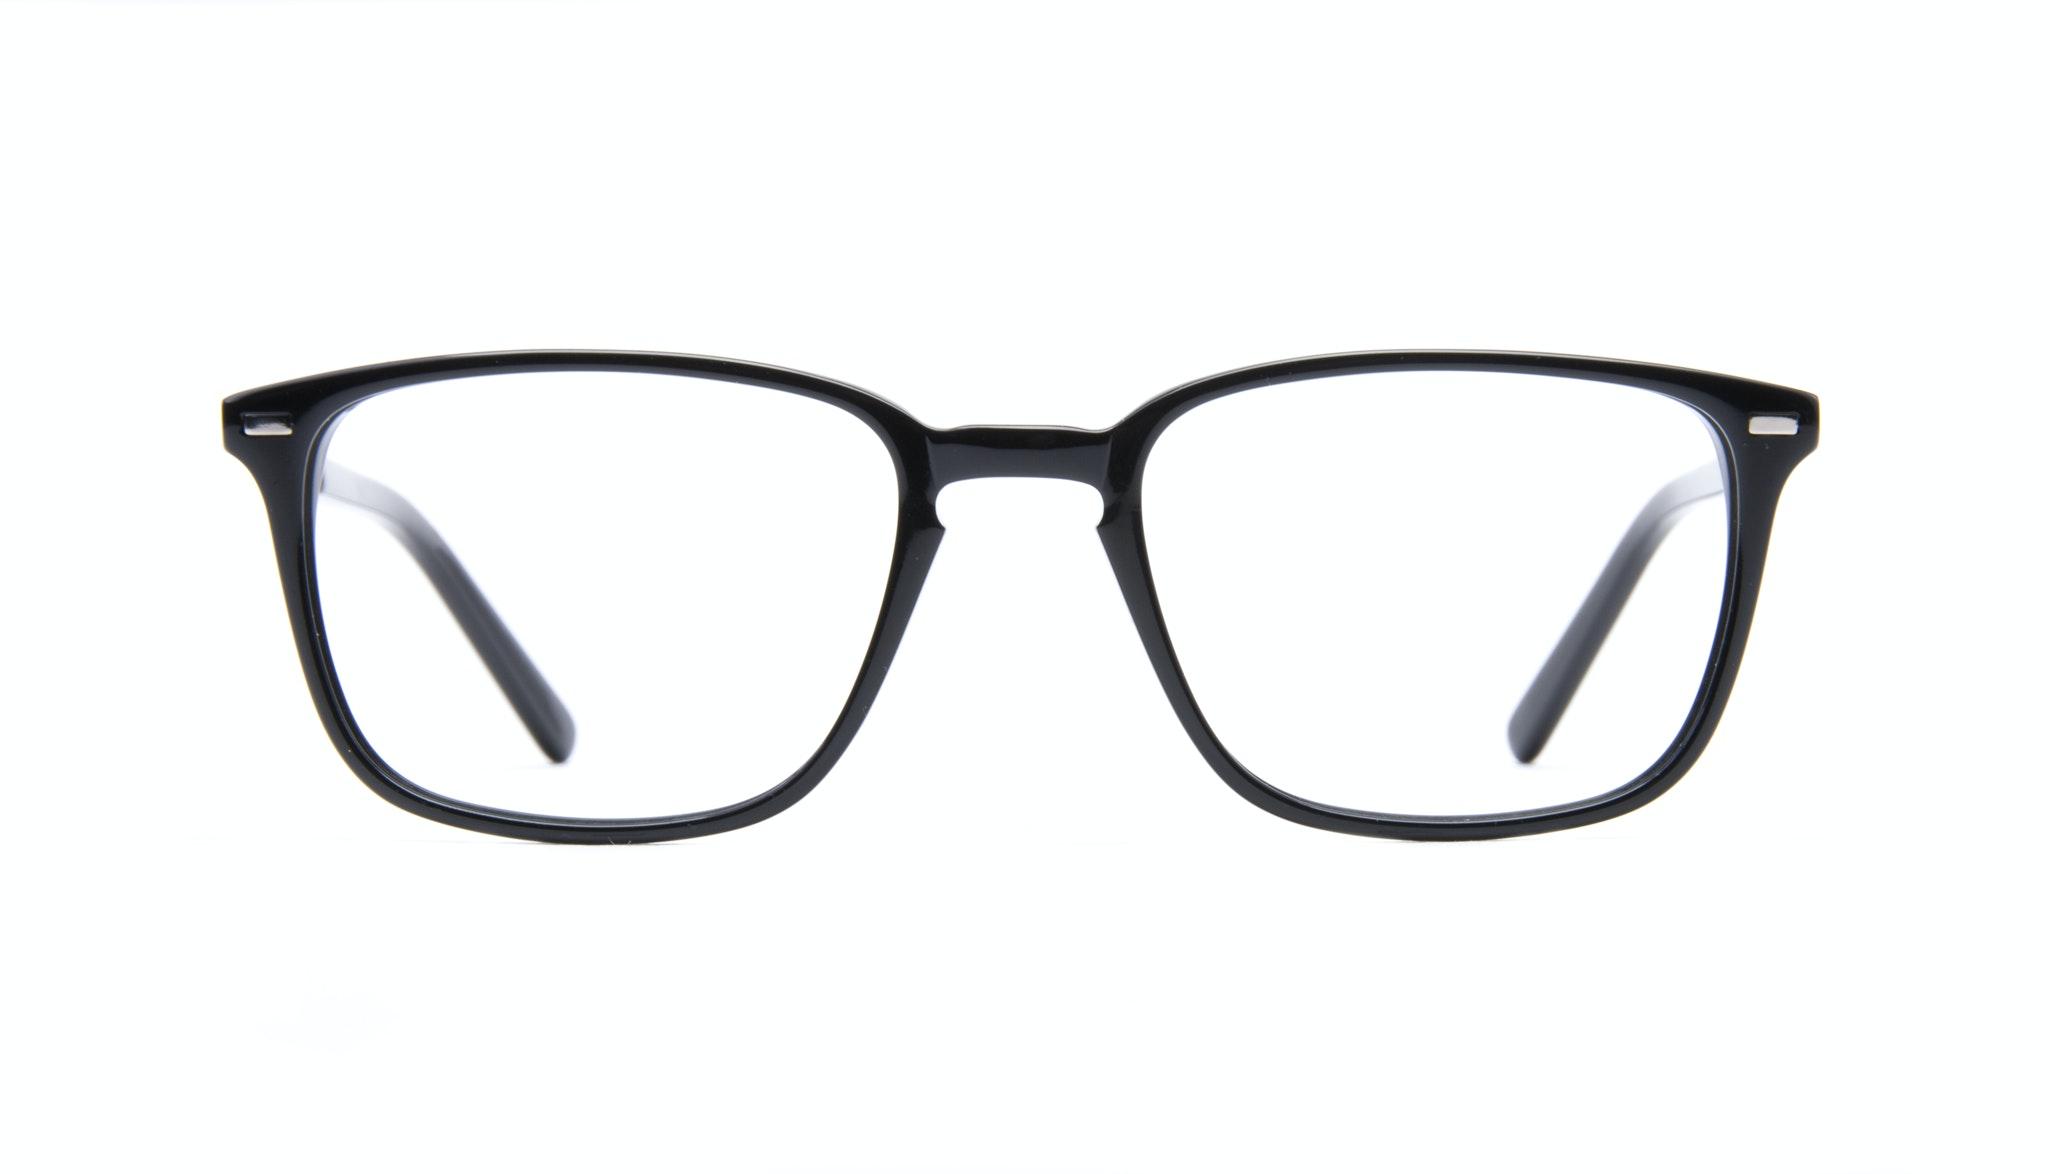 Affordable Fashion Glasses Rectangle Eyeglasses Men Sharp Black Front